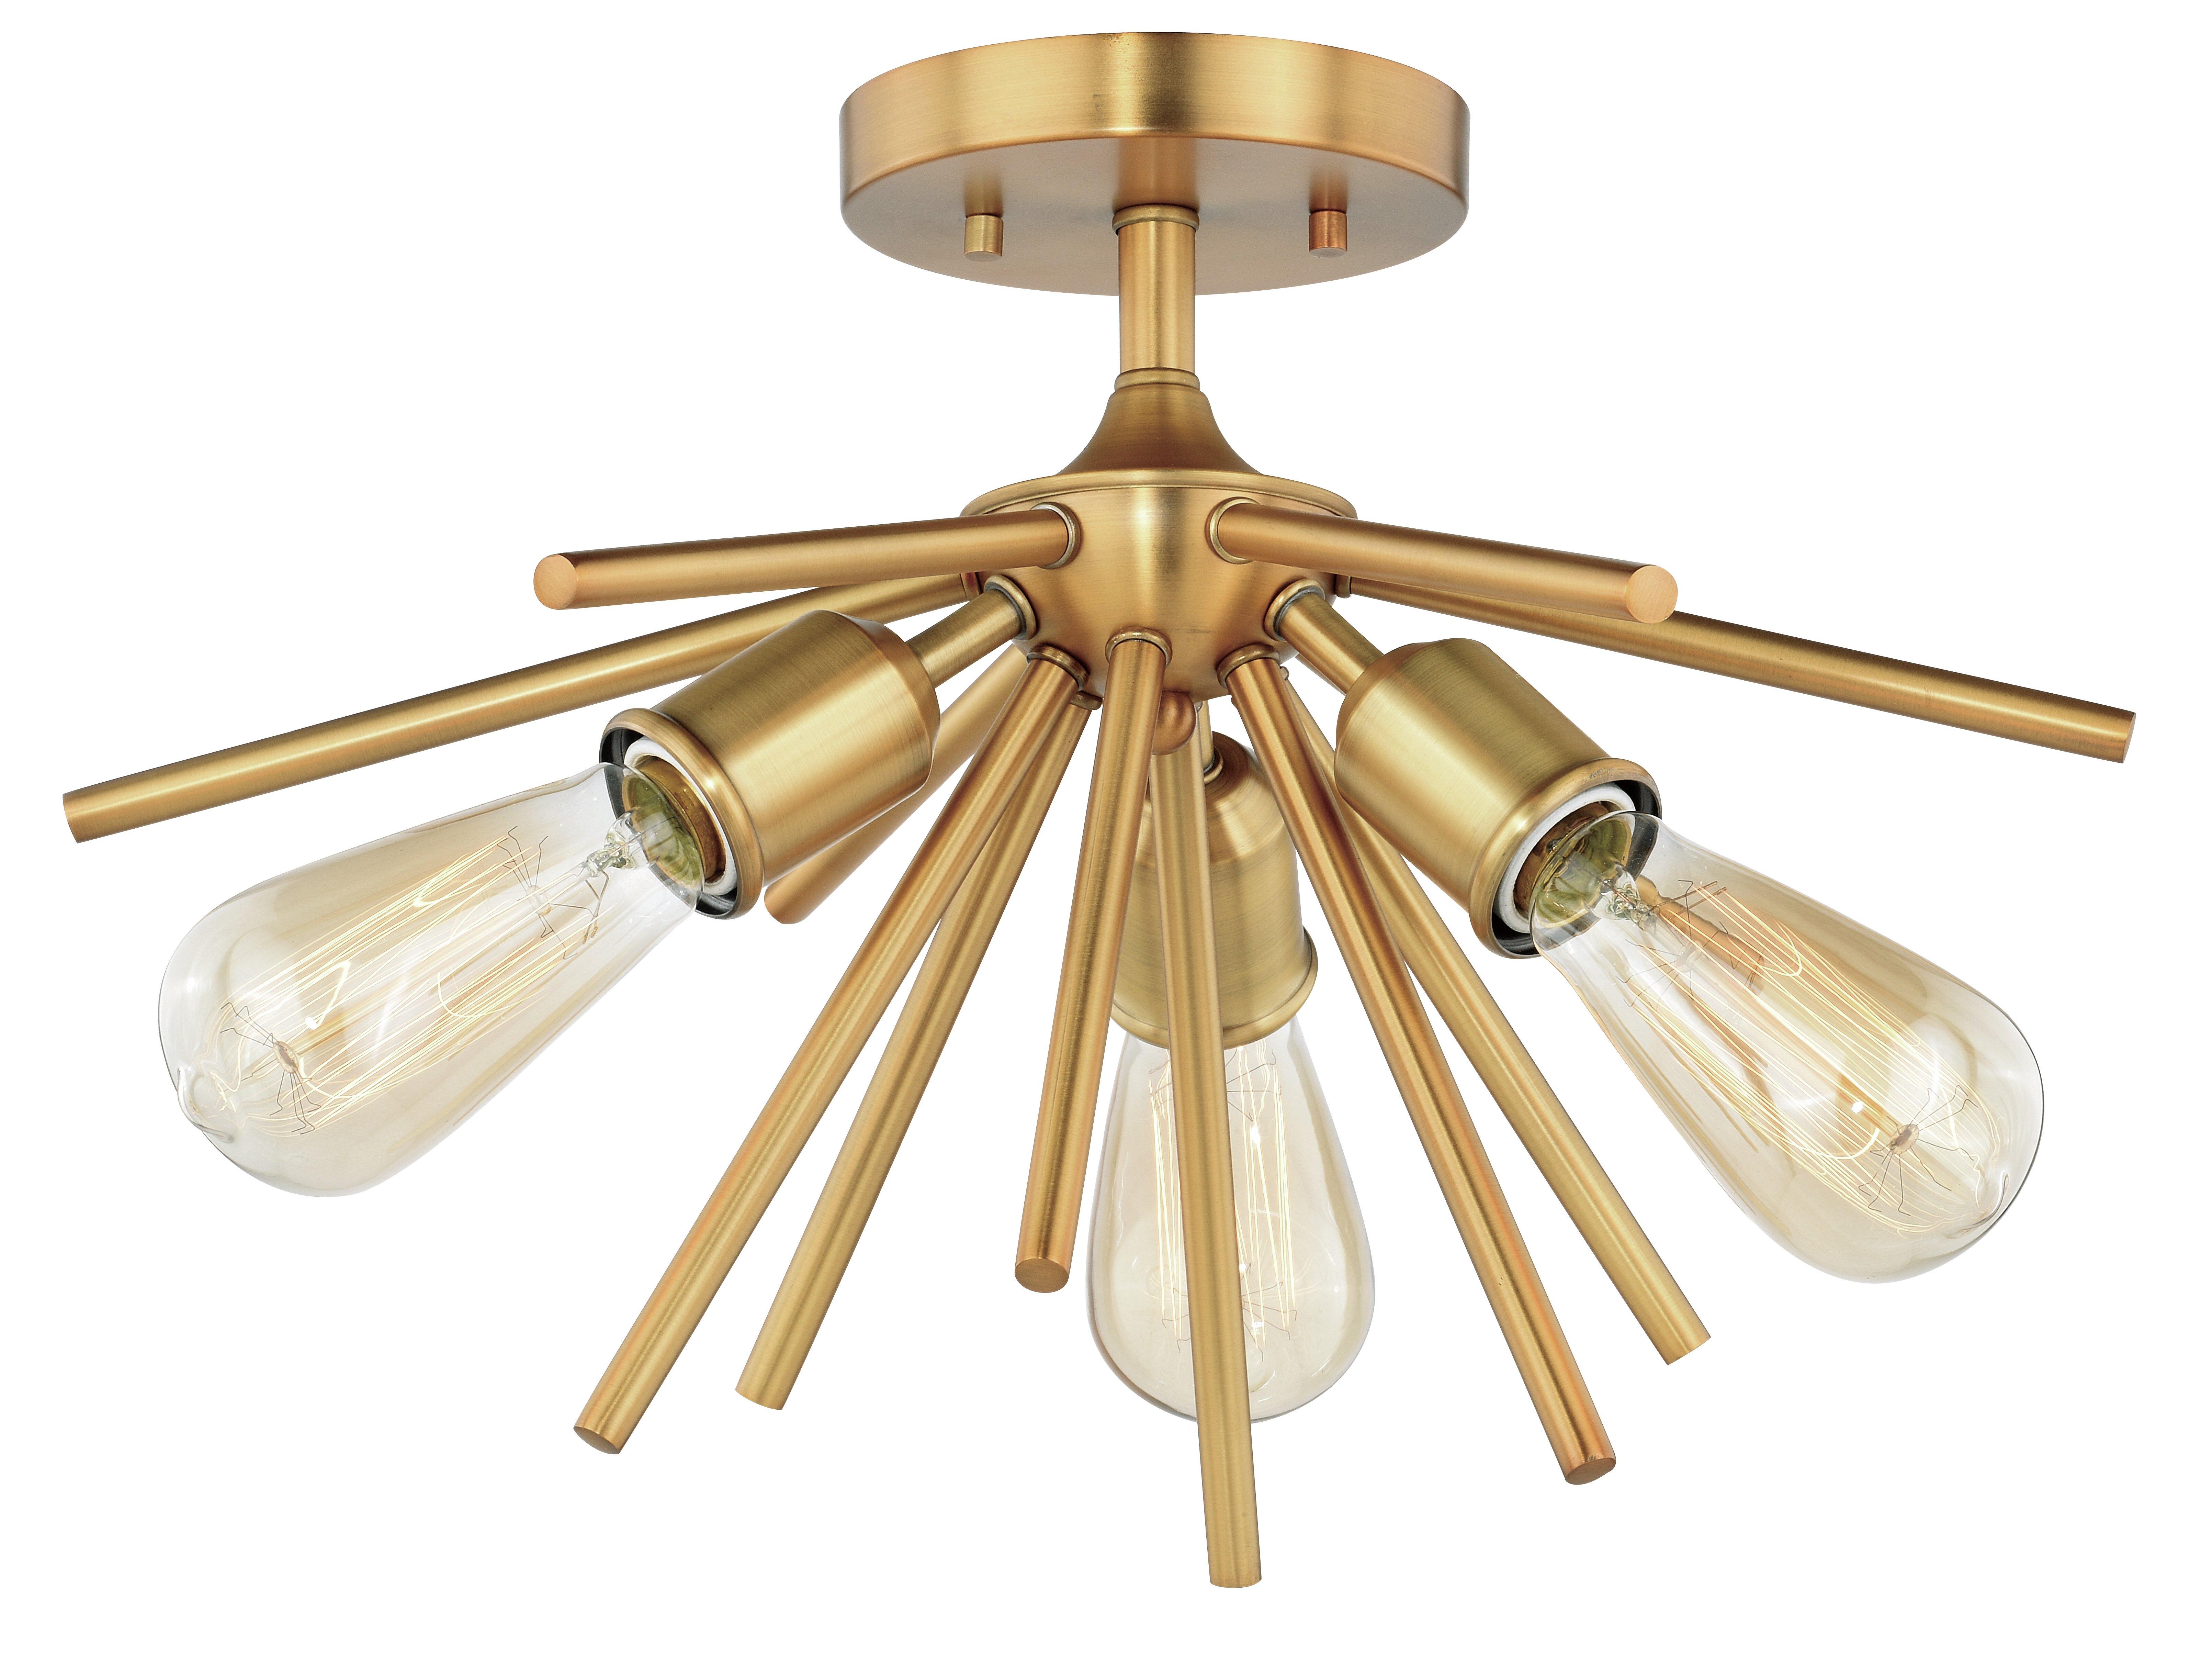 Latifa 3 Light 17 Sputnik Sphere Semi Flush Mount Reviews Allmodern